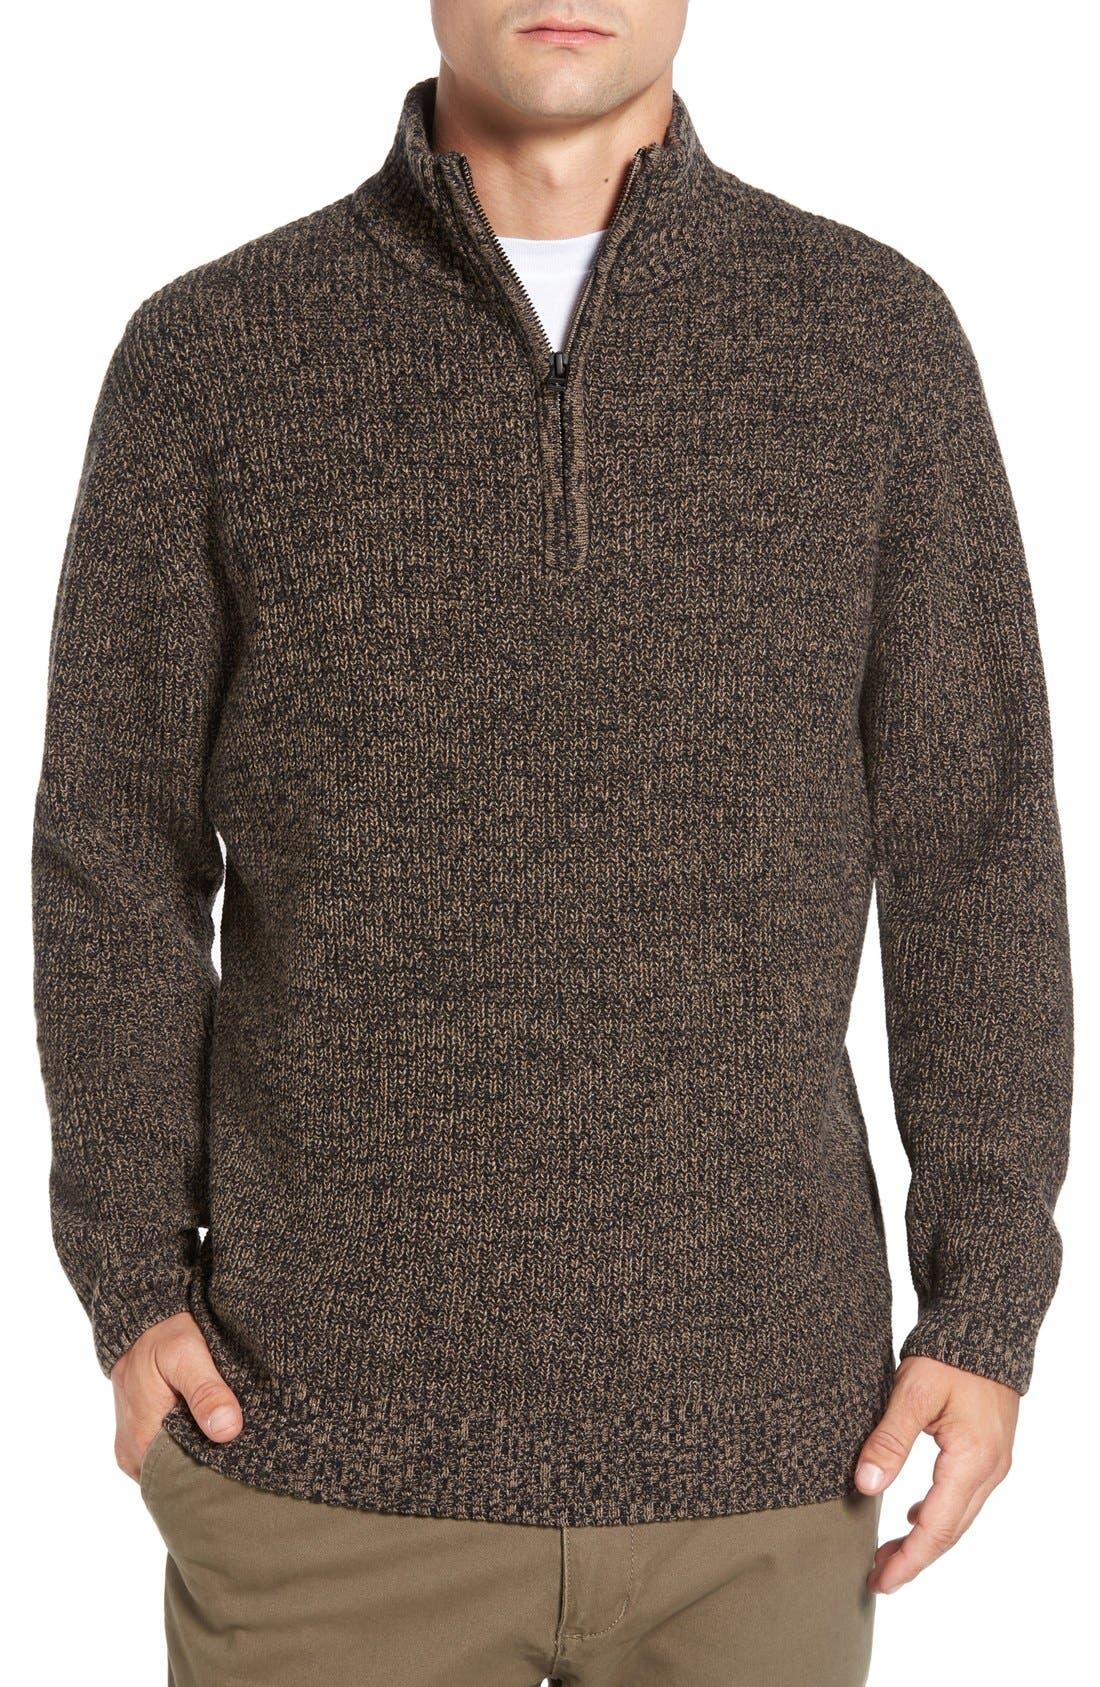 Main Image - Rodd & Gunn 'Woodglen' Herringbone Knit Lambswool Quarter Zip Sweater